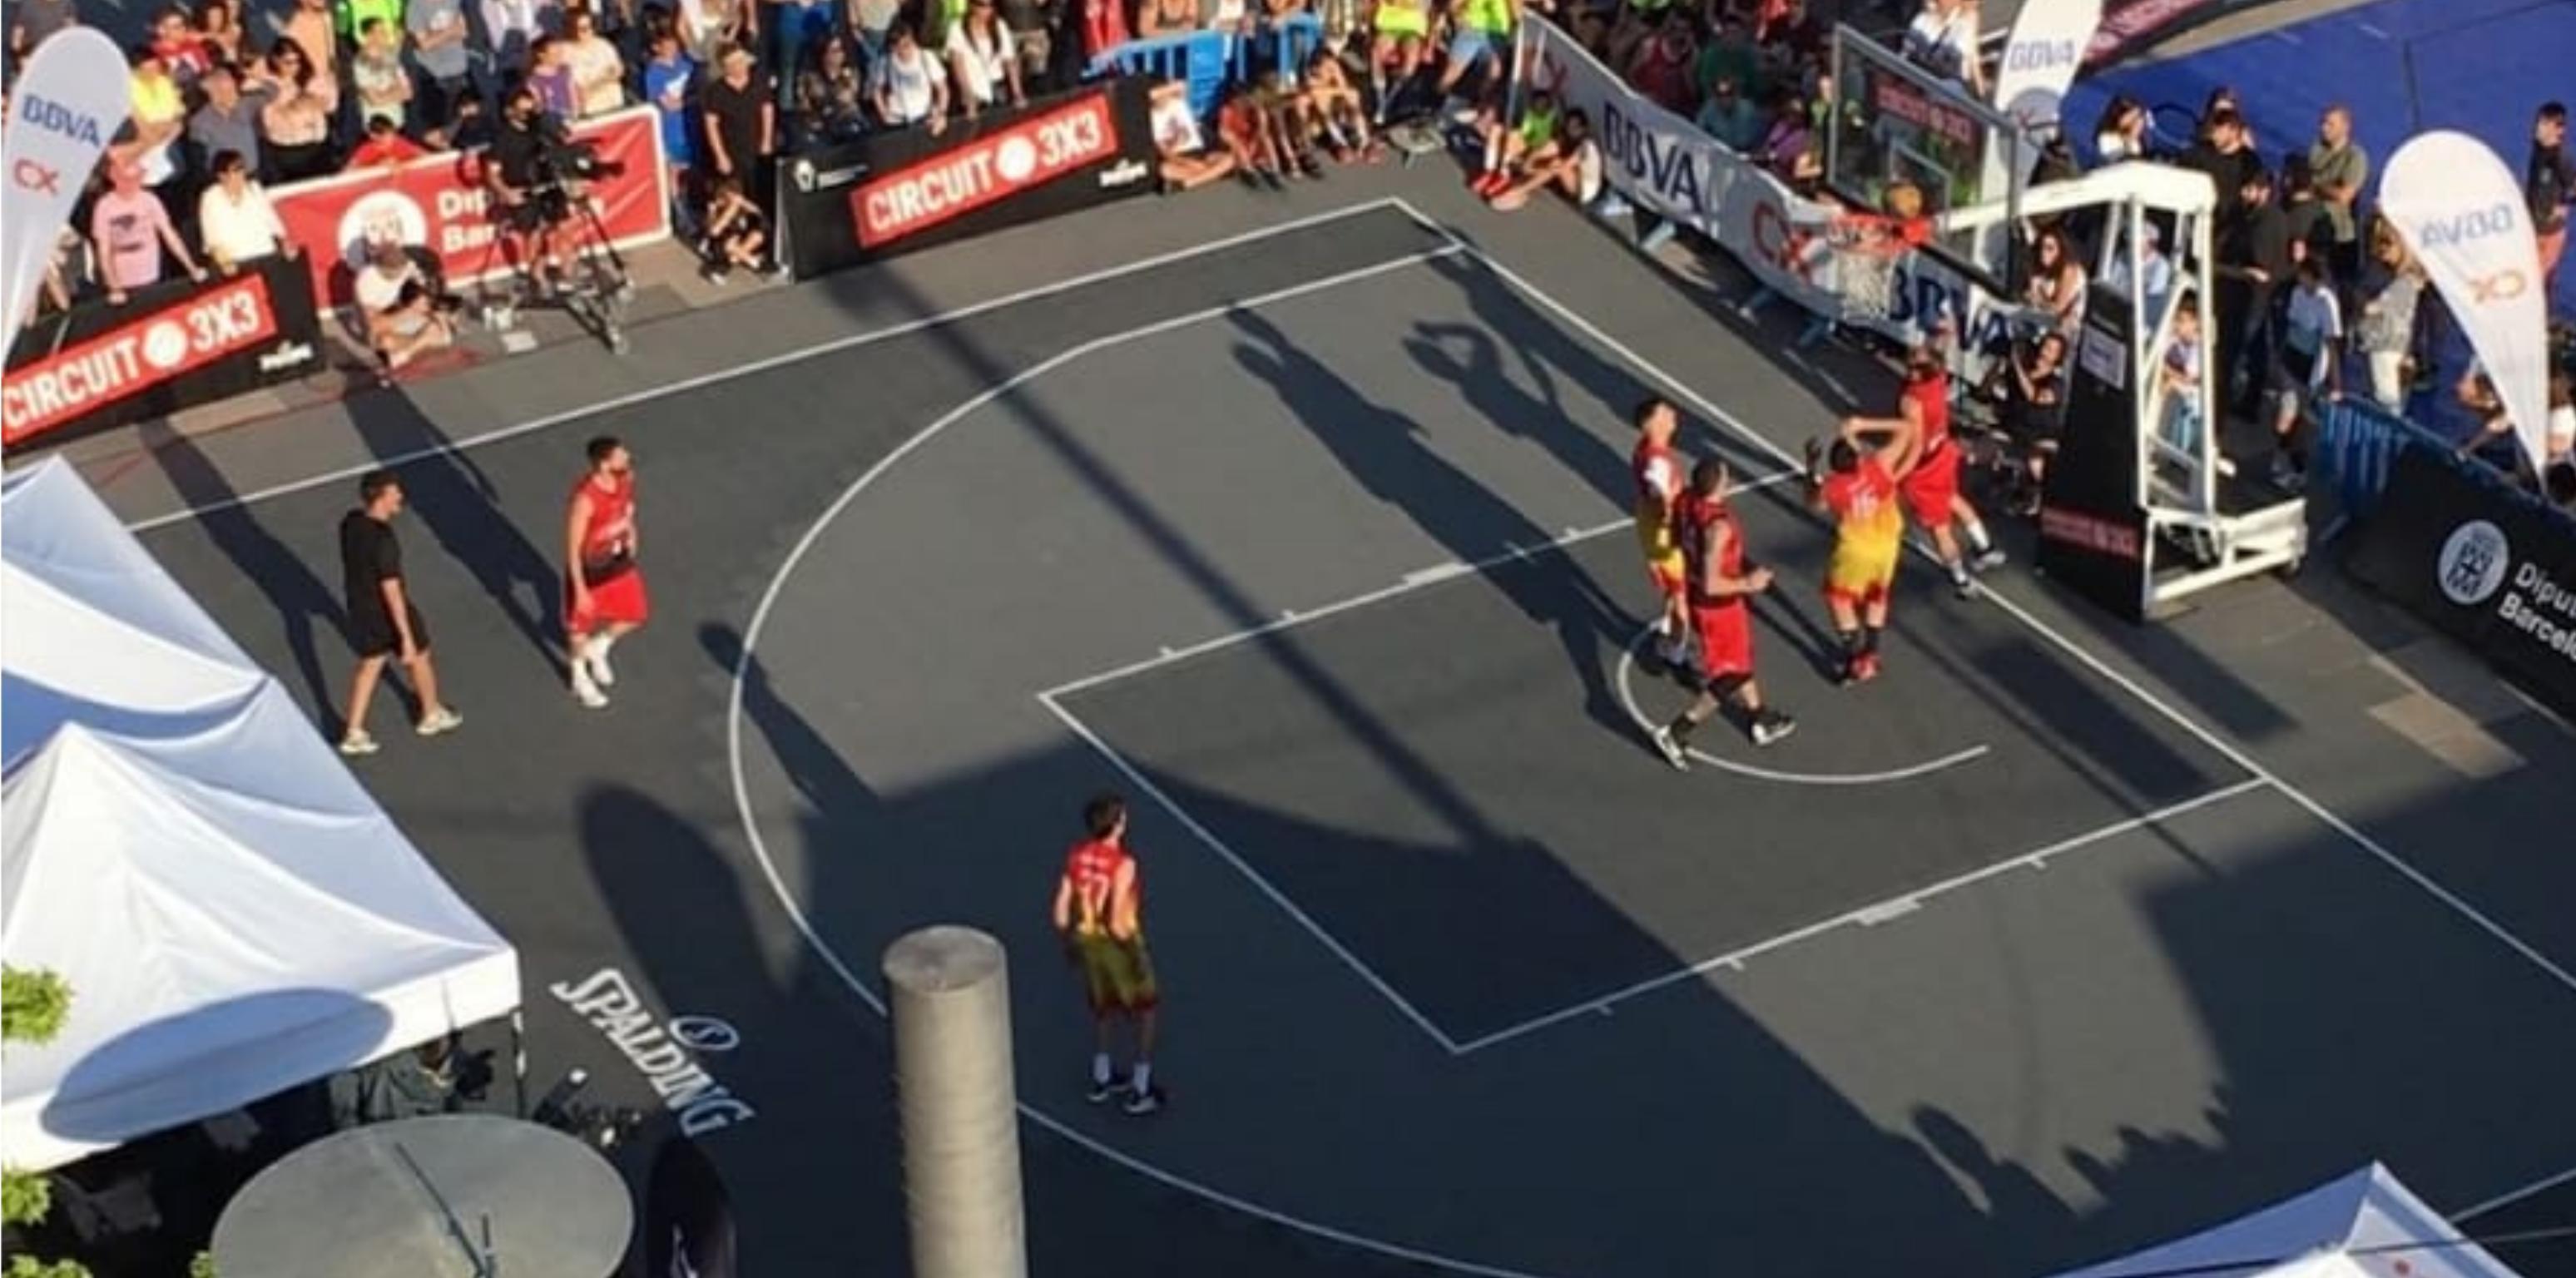 Gran èxit de la 30a edició del 3x3 de bàsquet a Cal Font, amb rècord de participants